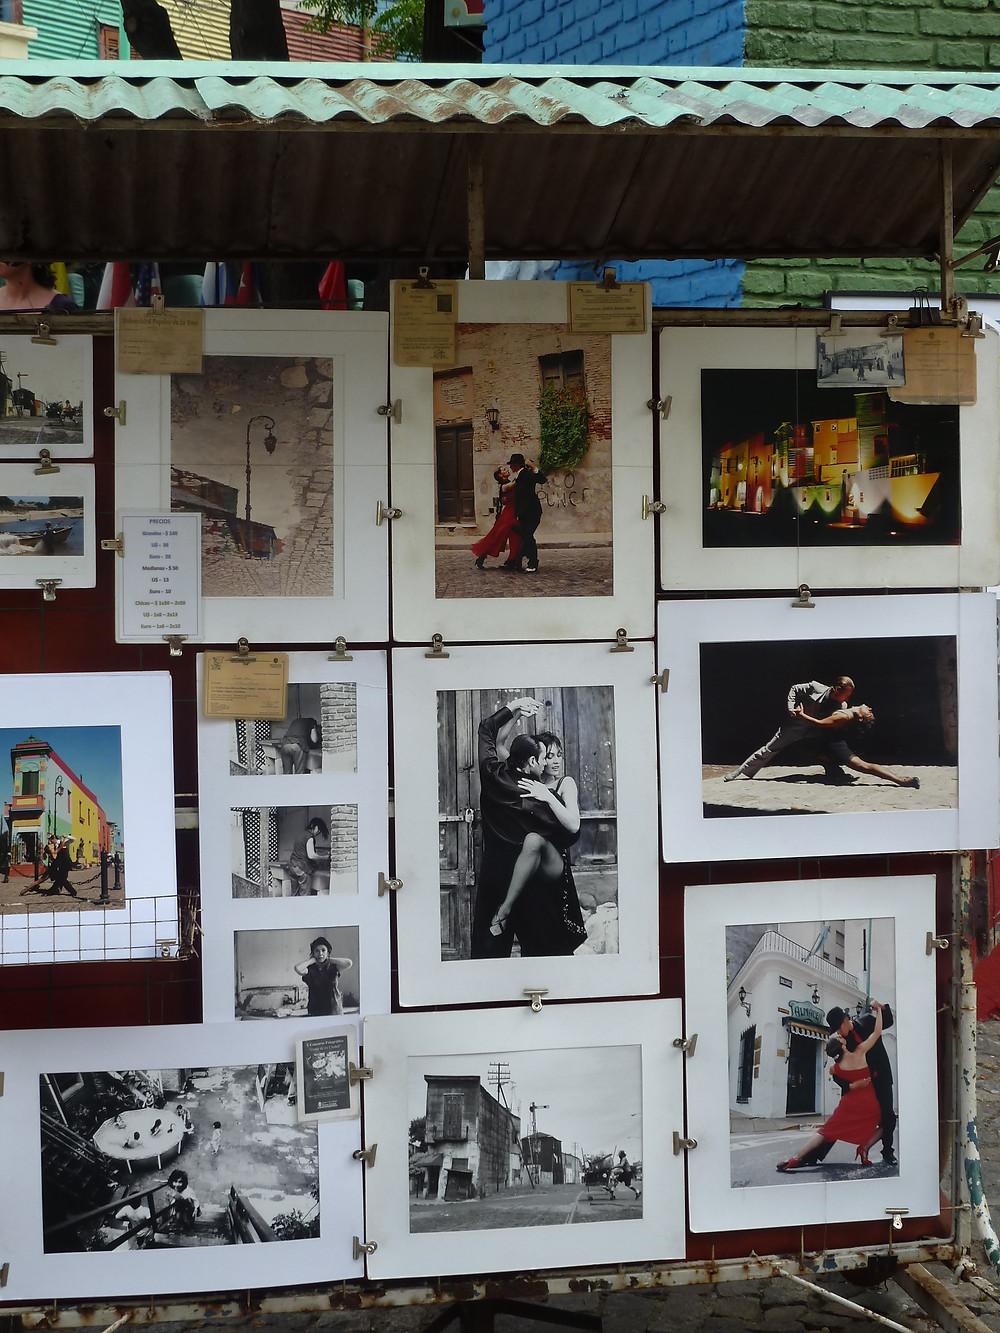 Tango pictures in La Boca